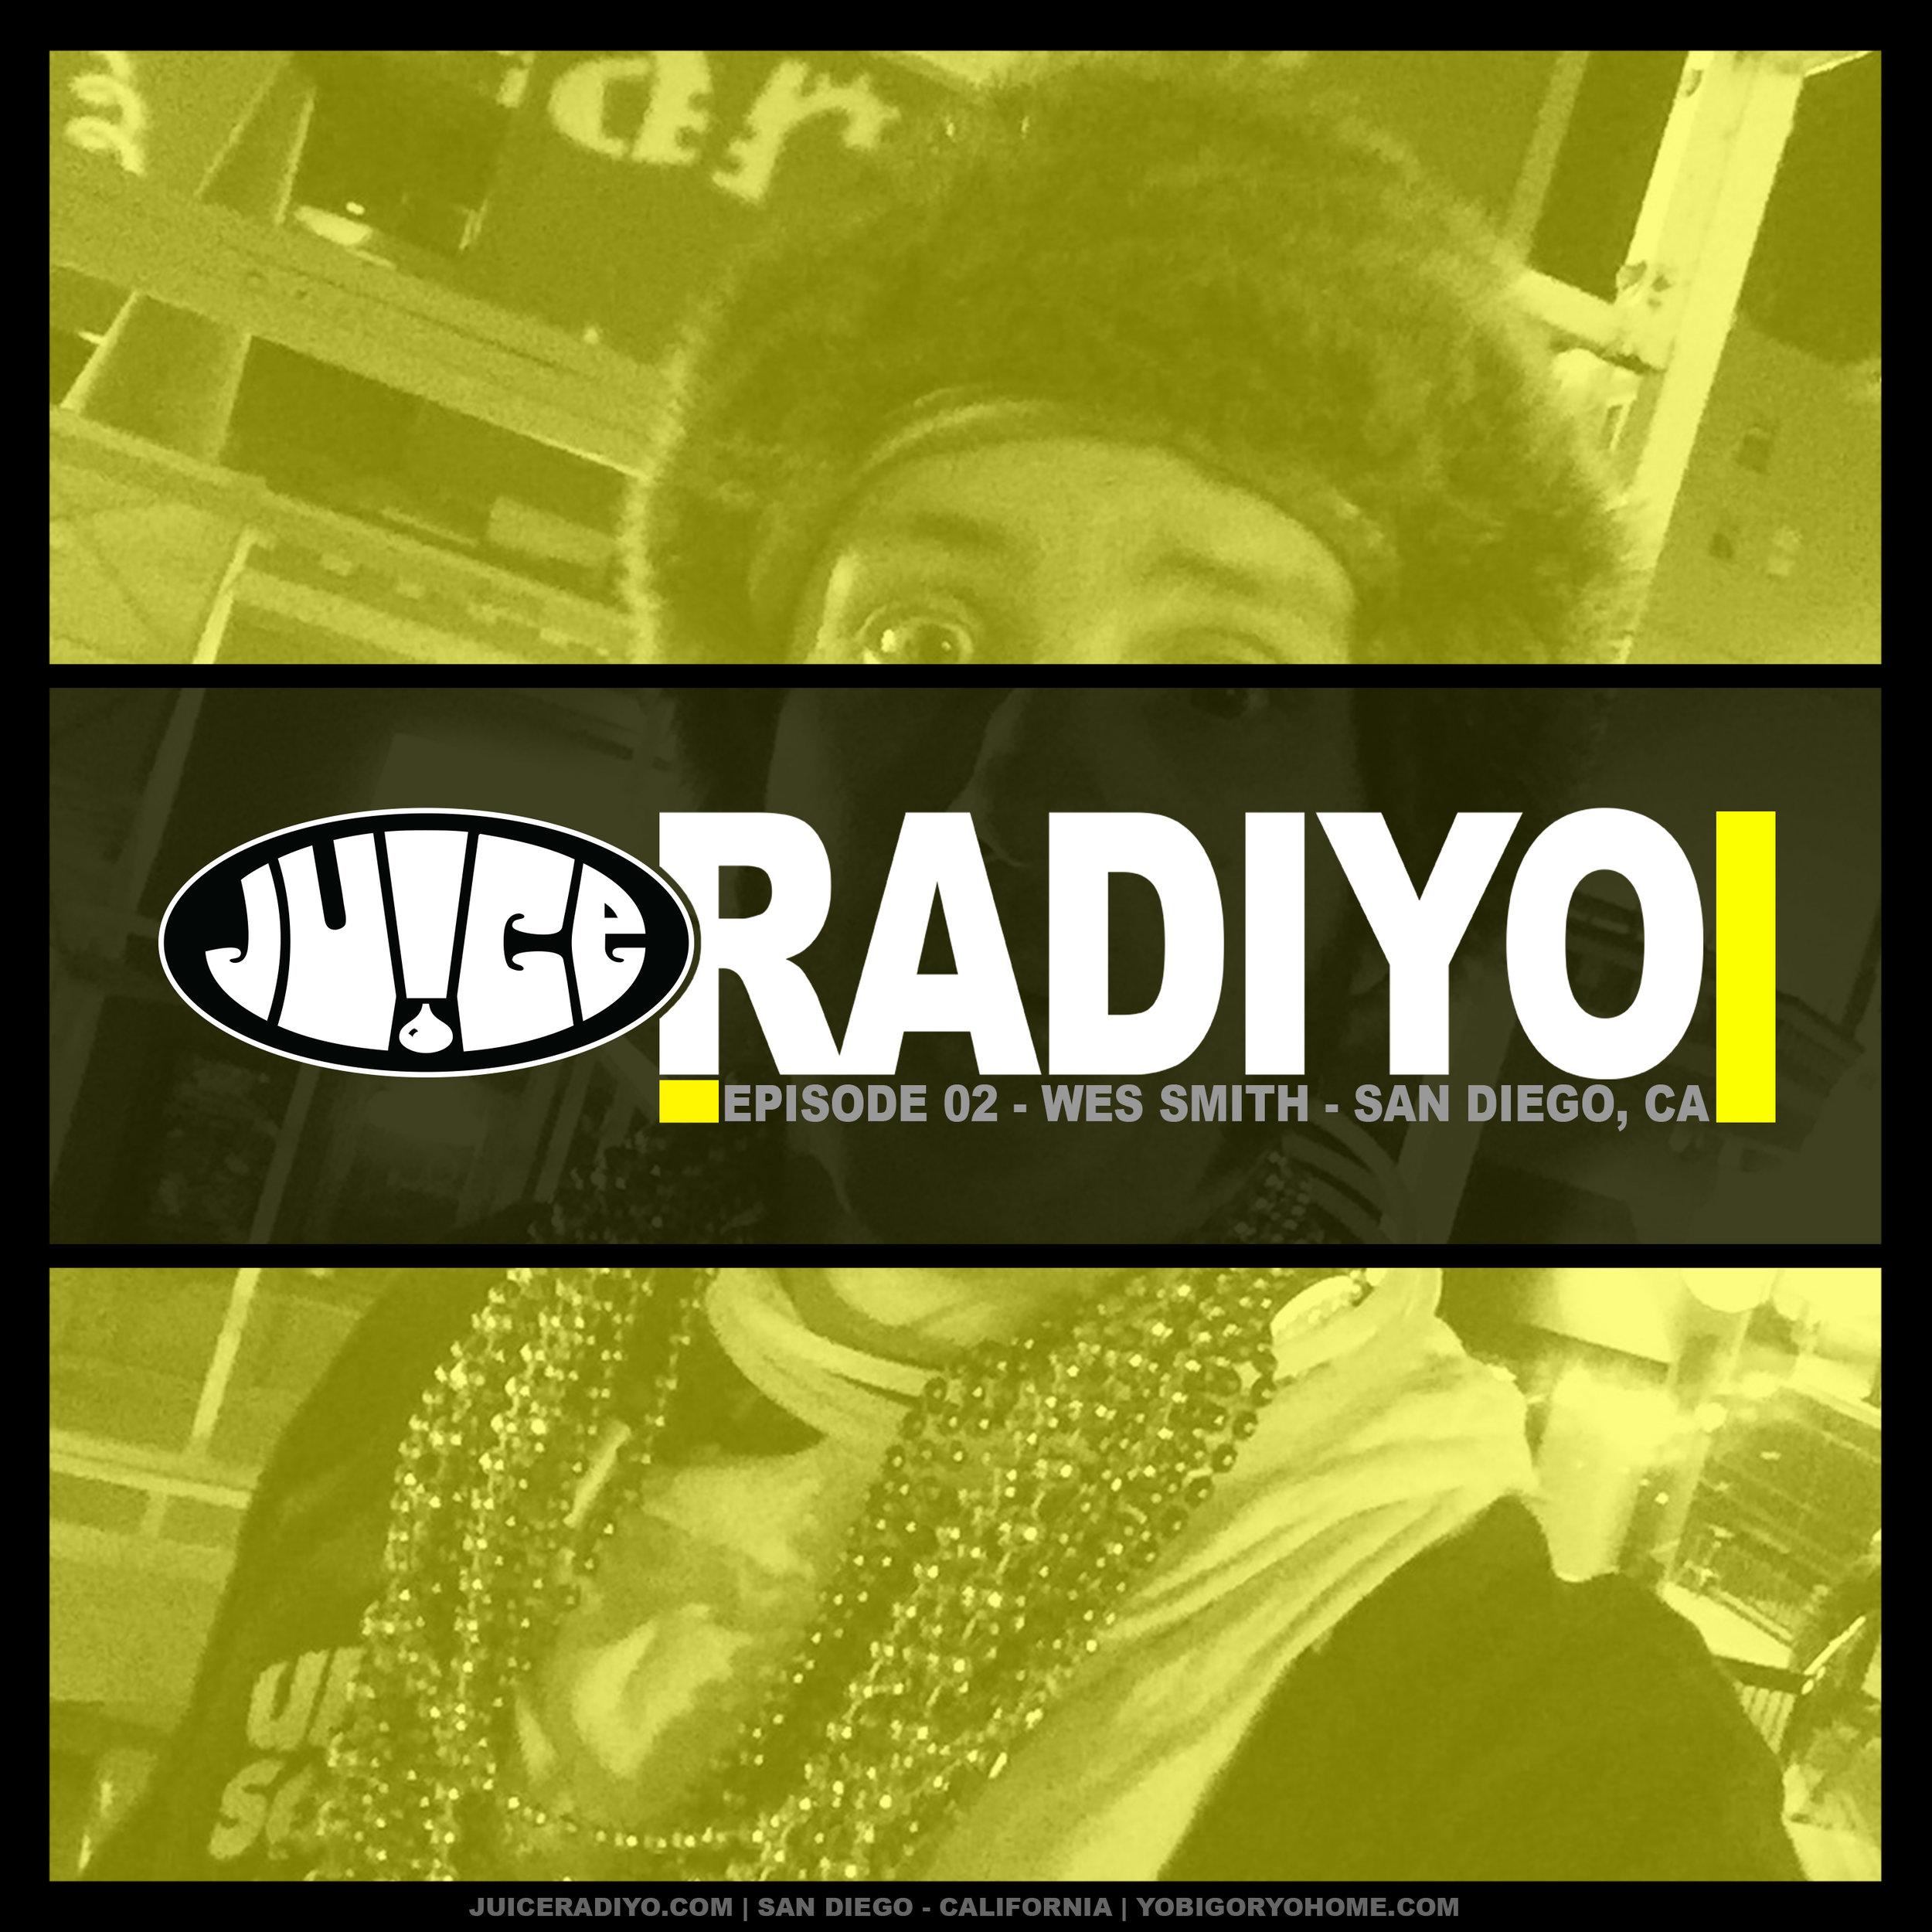 RY1802_JuiceRadiYo_EP#2_WesSmith_2017RewindPart2.jpg